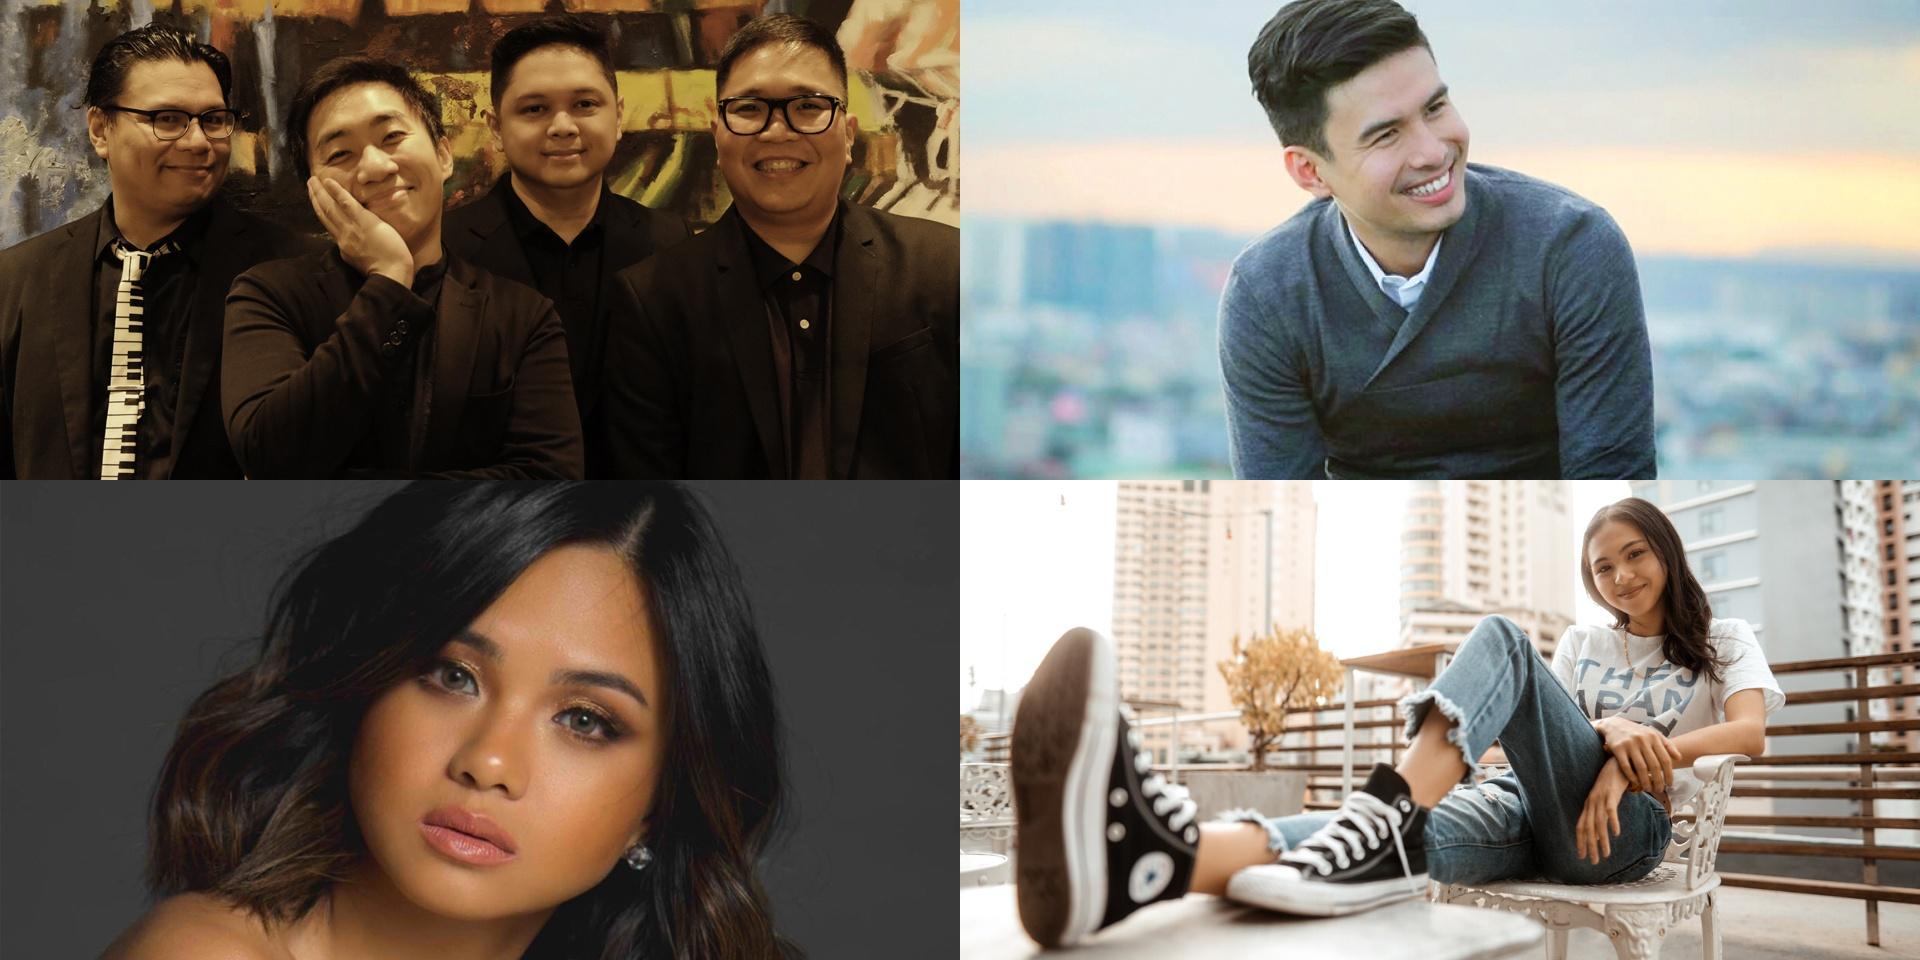 Clara Benin, The Itchyworms, Christian Bautista, Lara Maigue and more to perform at first digital Linggo Ng Musikang Pilipino festival